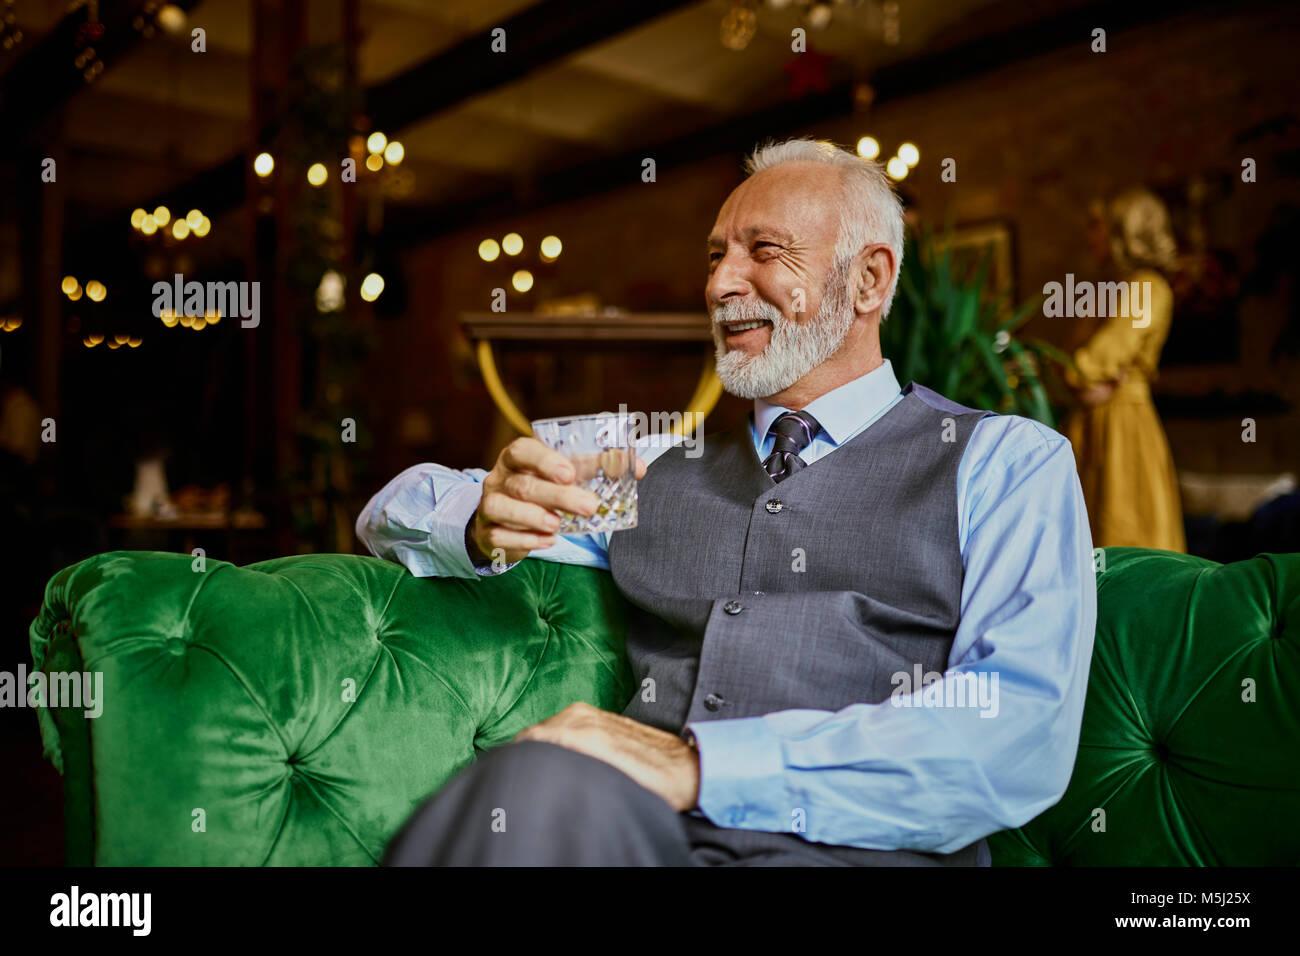 Ritratto di senior elegante uomo seduto sul lettino in un bar, in un bicchiere di contenimento Immagini Stock